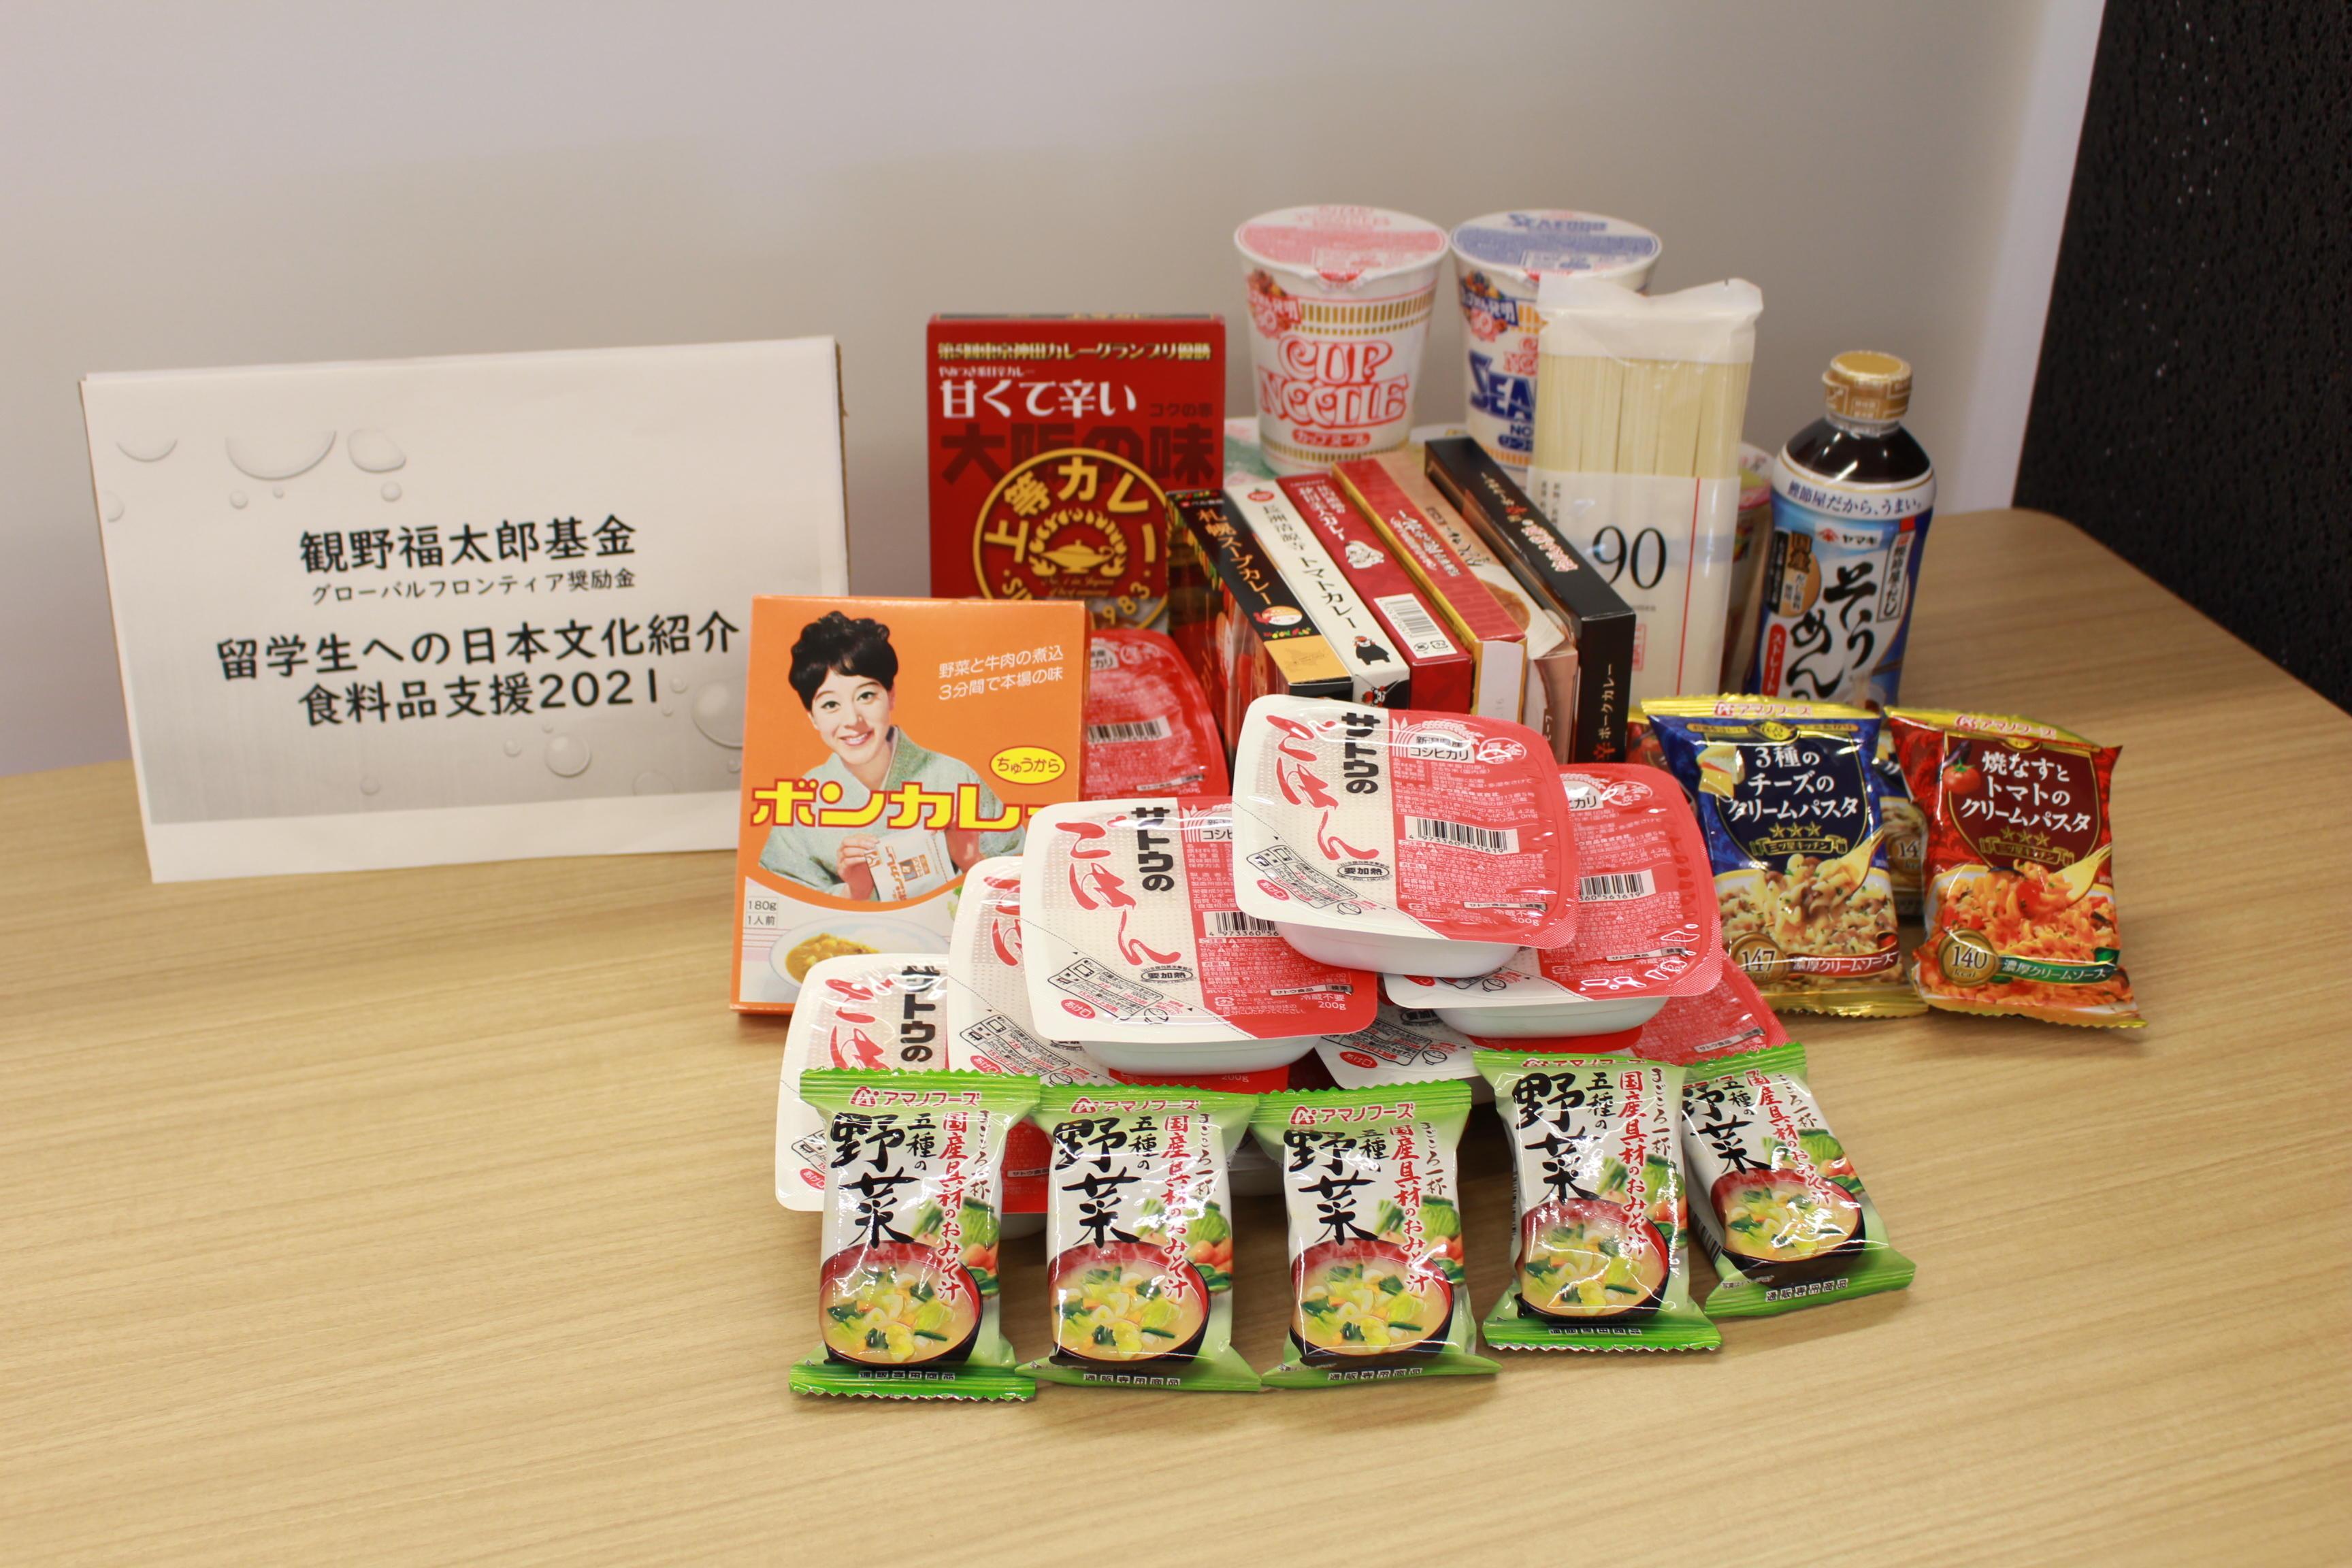 コロナ禍、留学生を支援 -- 大阪電気通信大学で食料支援と日本の技術を学ぶ一石二鳥の取り組み